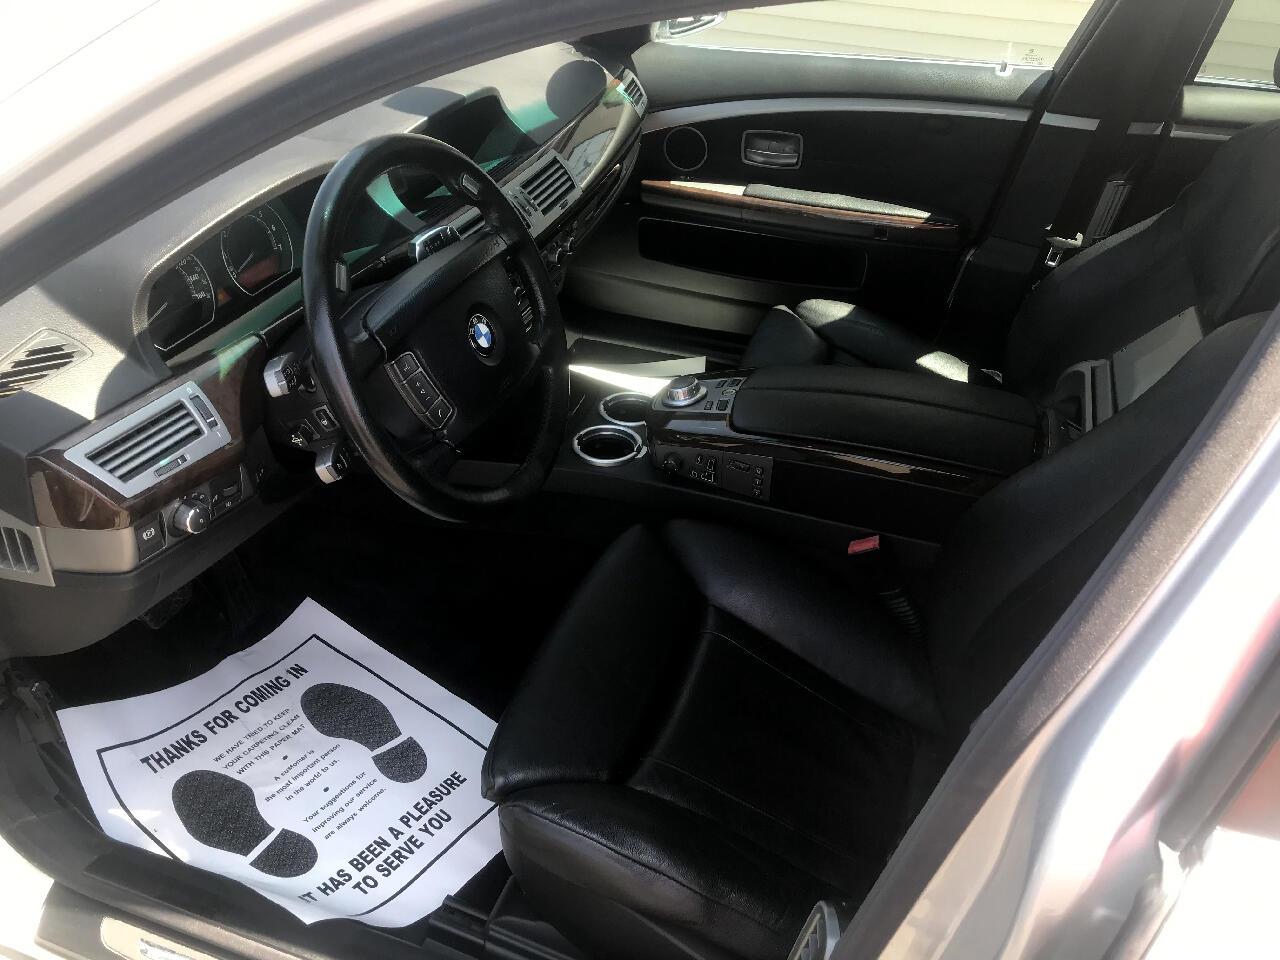 BMW 7 Series 750Li 4dr Sdn 2006